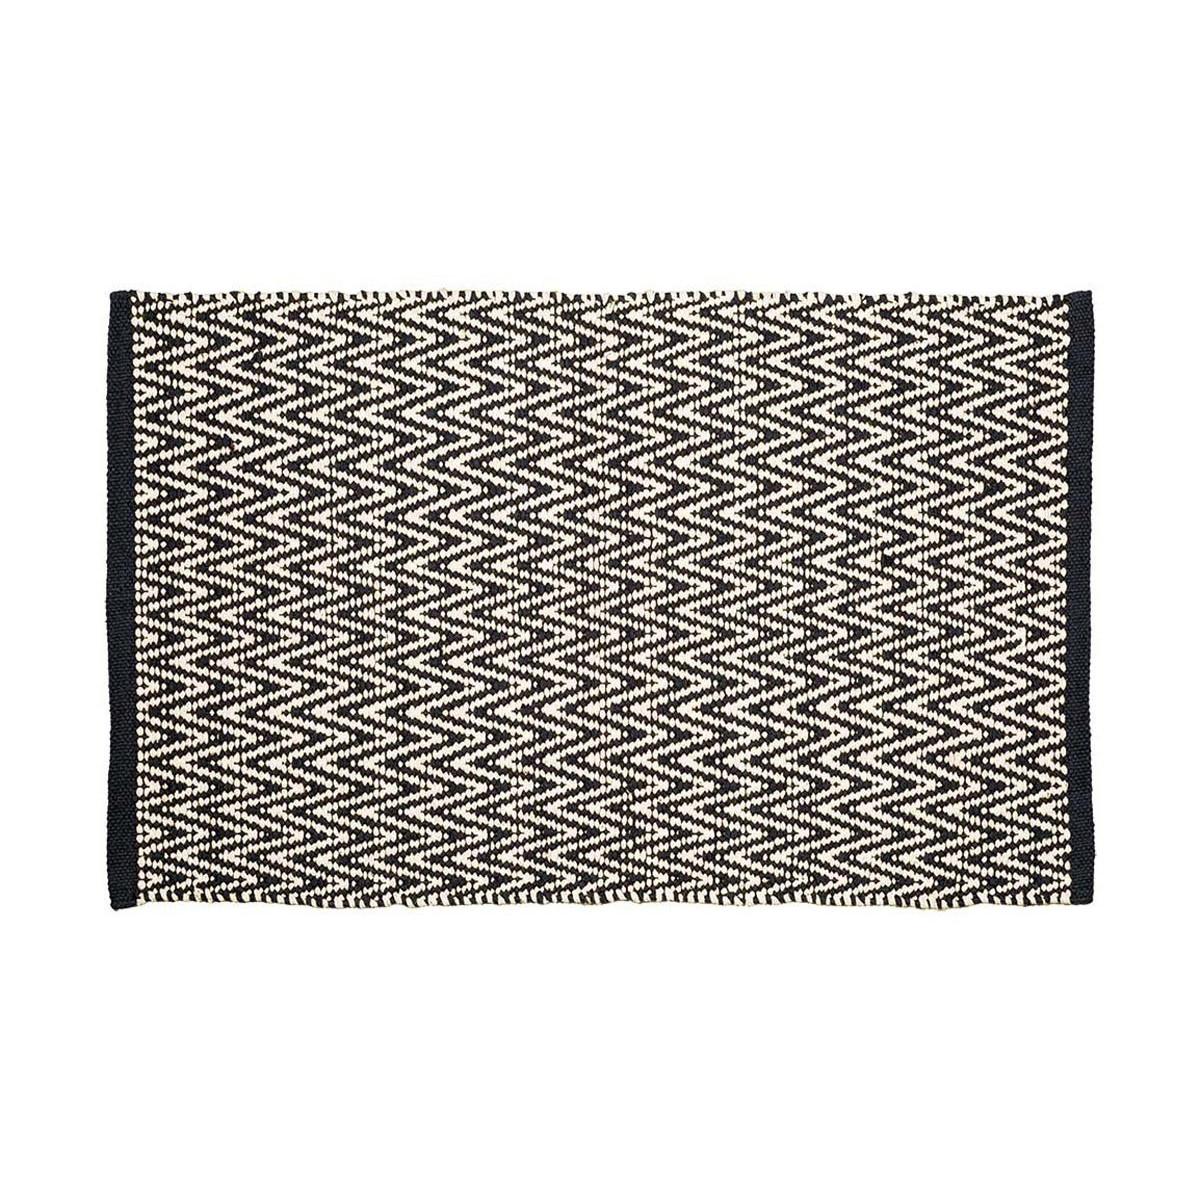 LOZENGA - Tapis d'intérieur 100% coton Noir 140x200